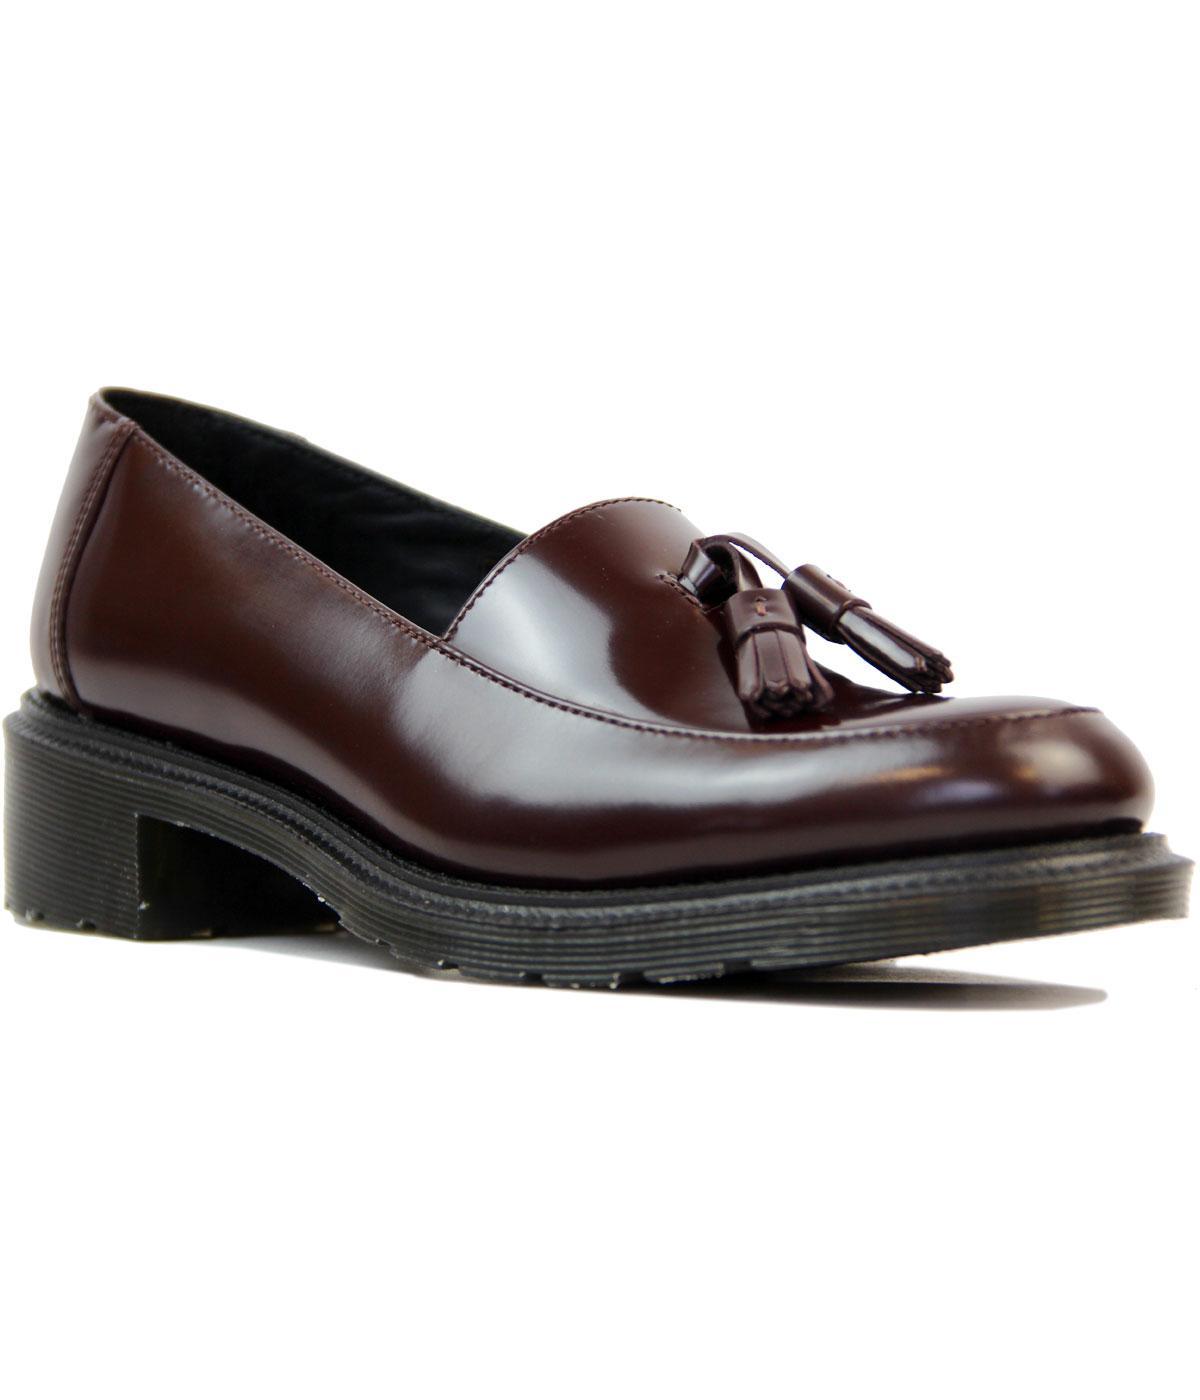 Atom Retro Womens Shoes